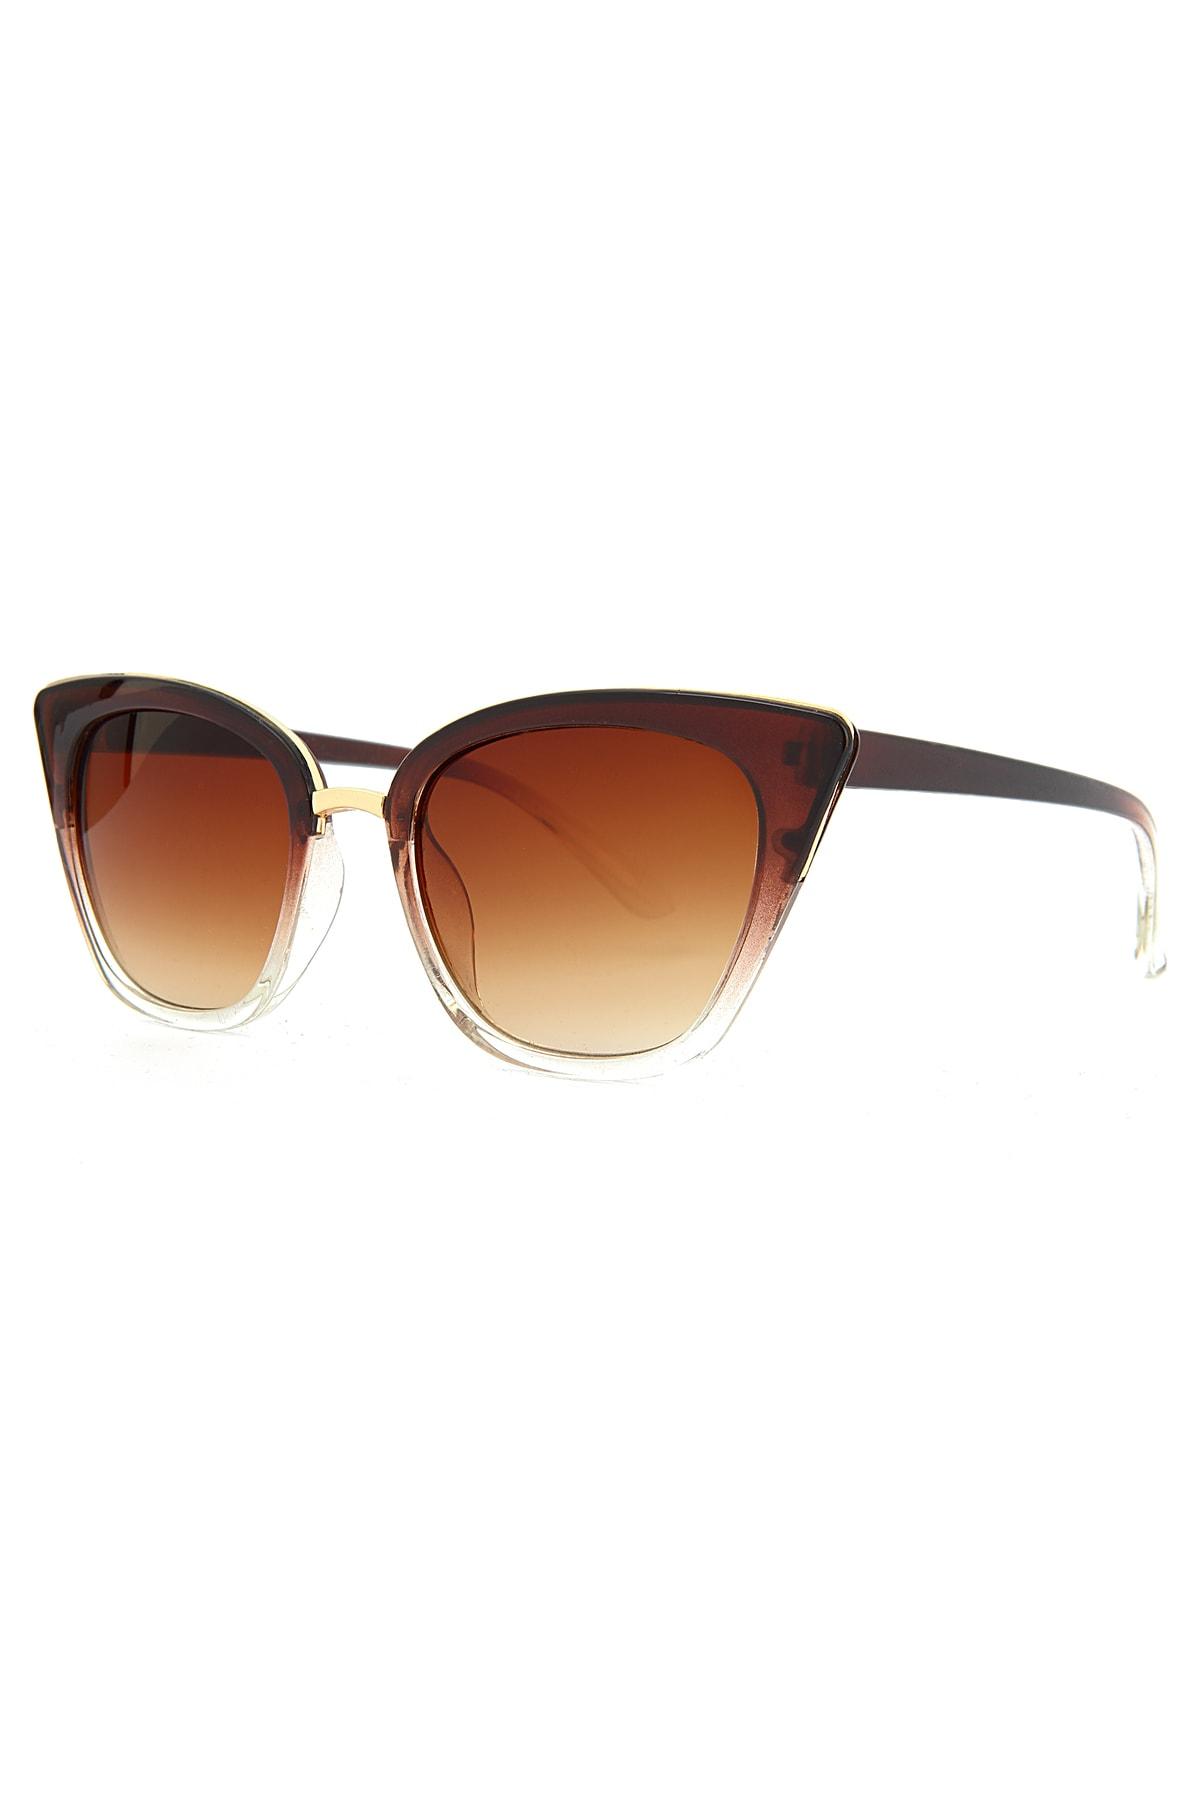 سفارش انلاین عینک آفتابی ساده مارک Aqua Di Polo 1987 رنگ قهوه ای کد ty100409605